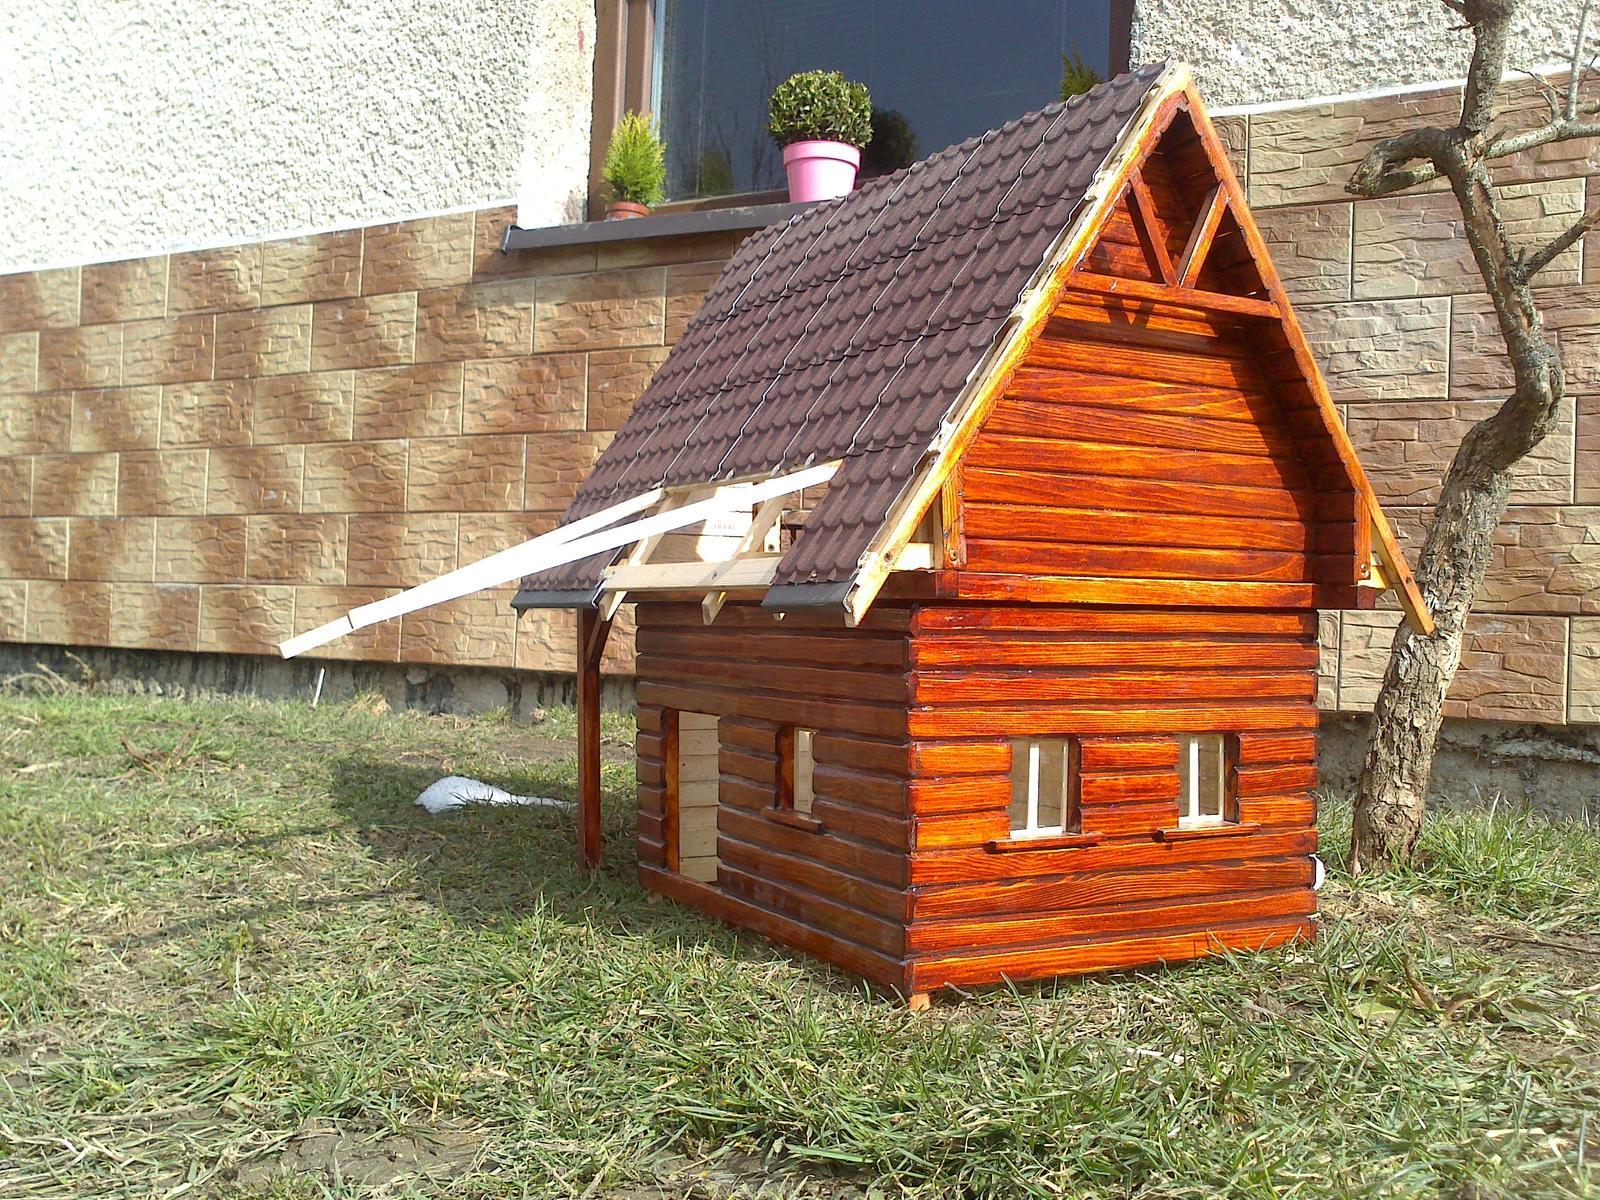 Skalka - Este sem pribudne takyto vlastne vyrobeny domček, ktory este stale nieje dorobeny